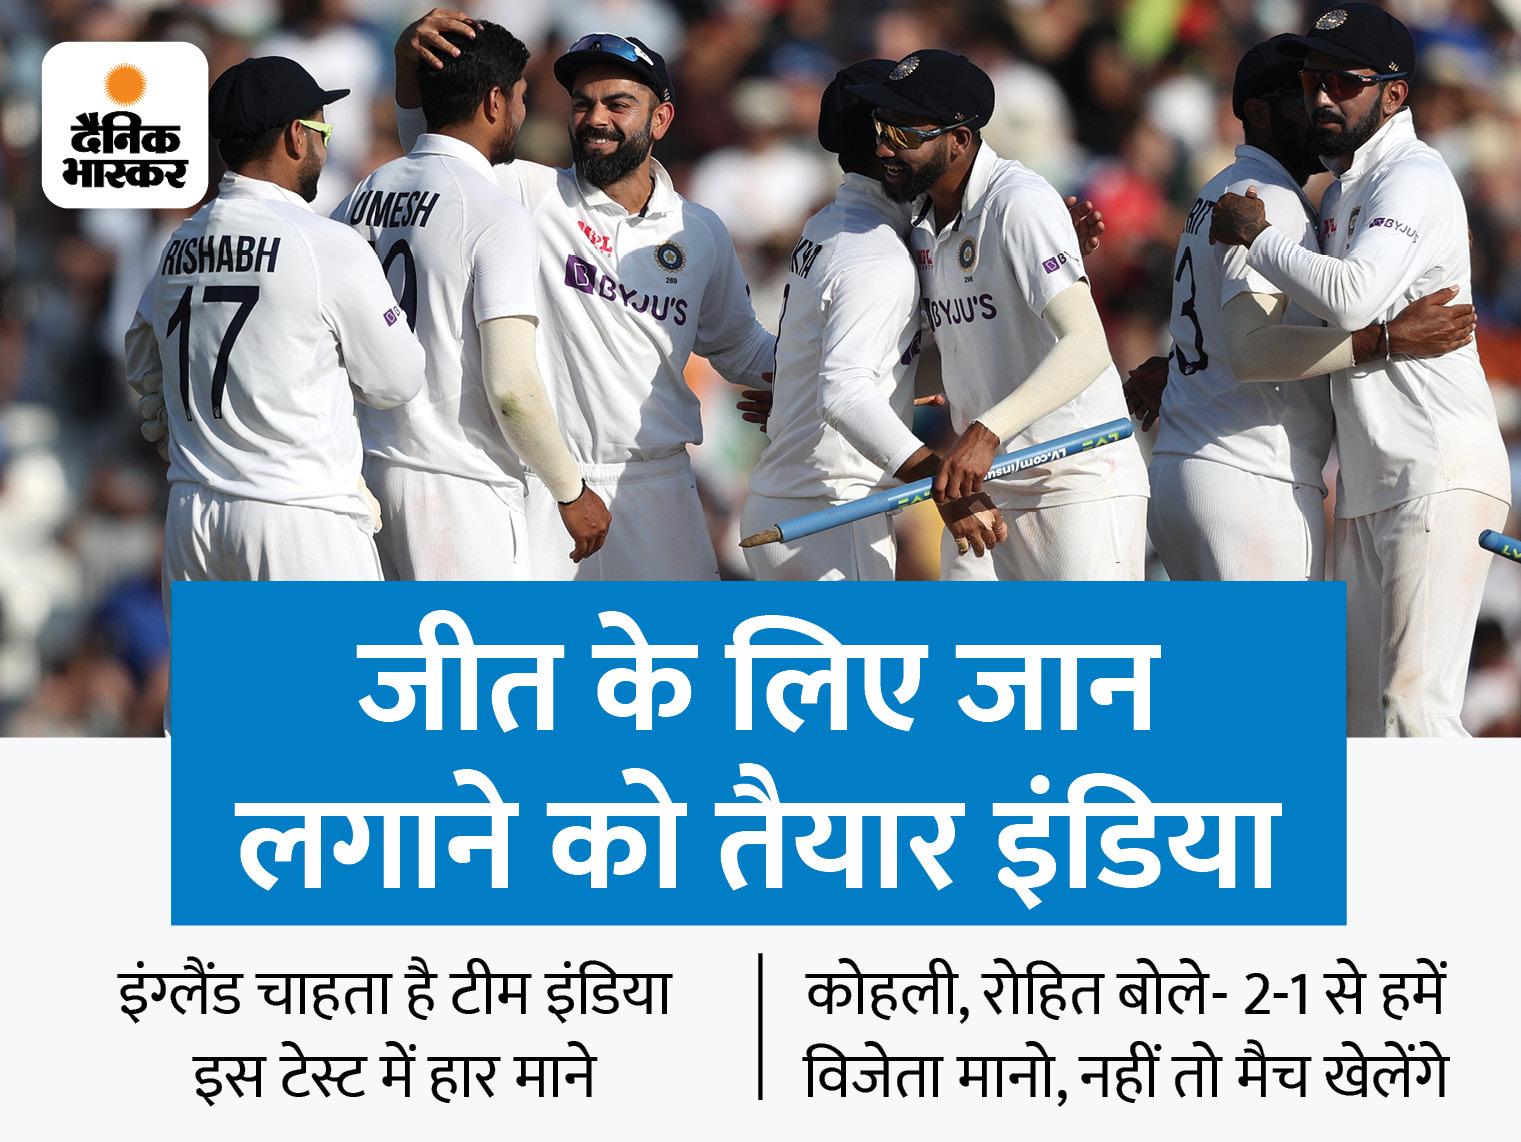 पहले इंग्लैंड ने कहा- भारतीय खिलाड़ियों ने मैच छोड़ा; बाद में ECB बोला- कोरोना के चलते नहीं आई टीम इंडिया|क्रिकेट,Cricket - Dainik Bhaskar